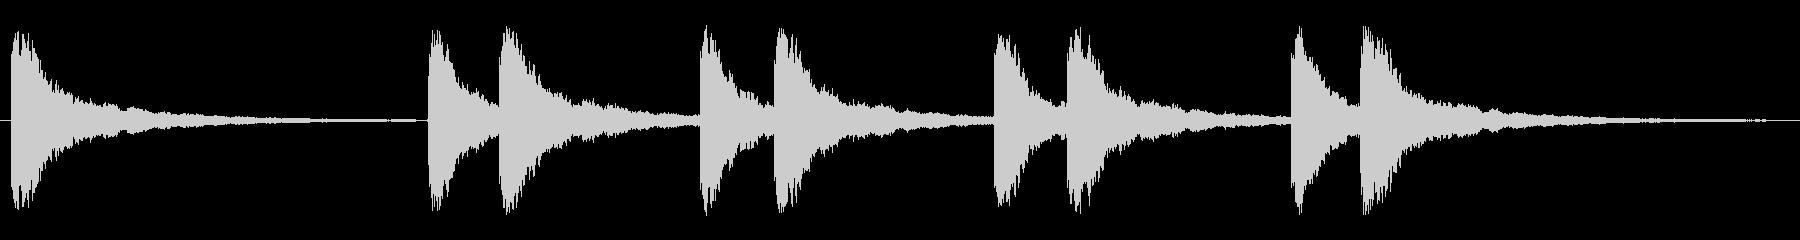 教会の鐘(長めの音)の未再生の波形